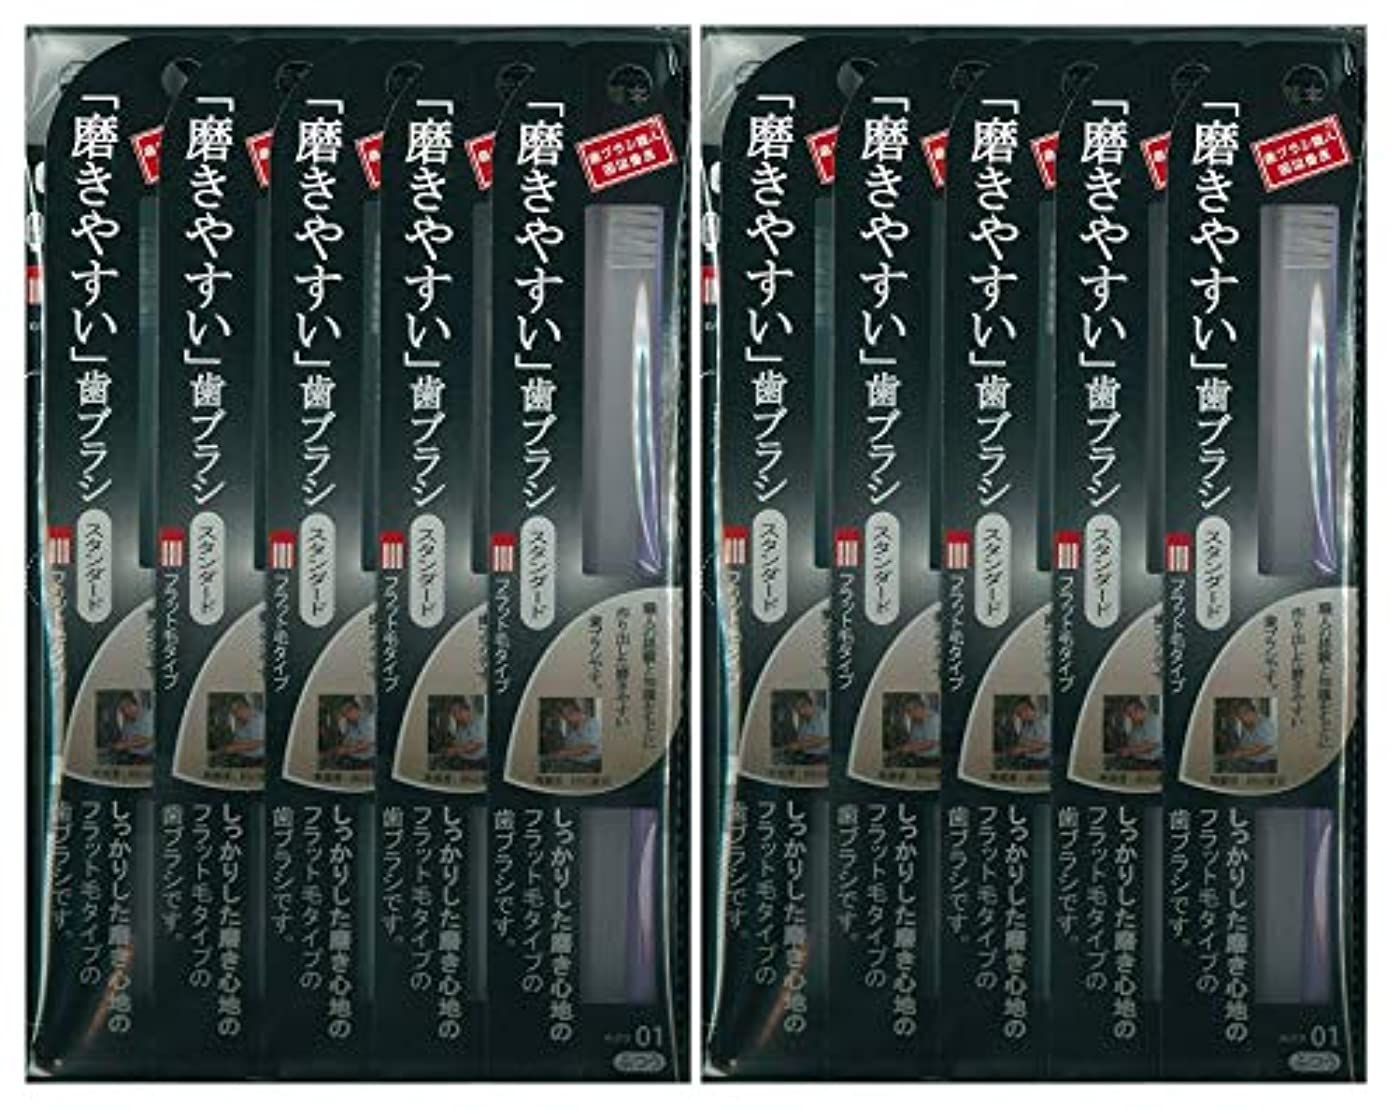 チチカカ湖楕円形かろうじて歯ブラシ職人 田辺重吉考案 磨きやすい歯ブラシ ふつう (フラット) LT-01 1本入×24本セット